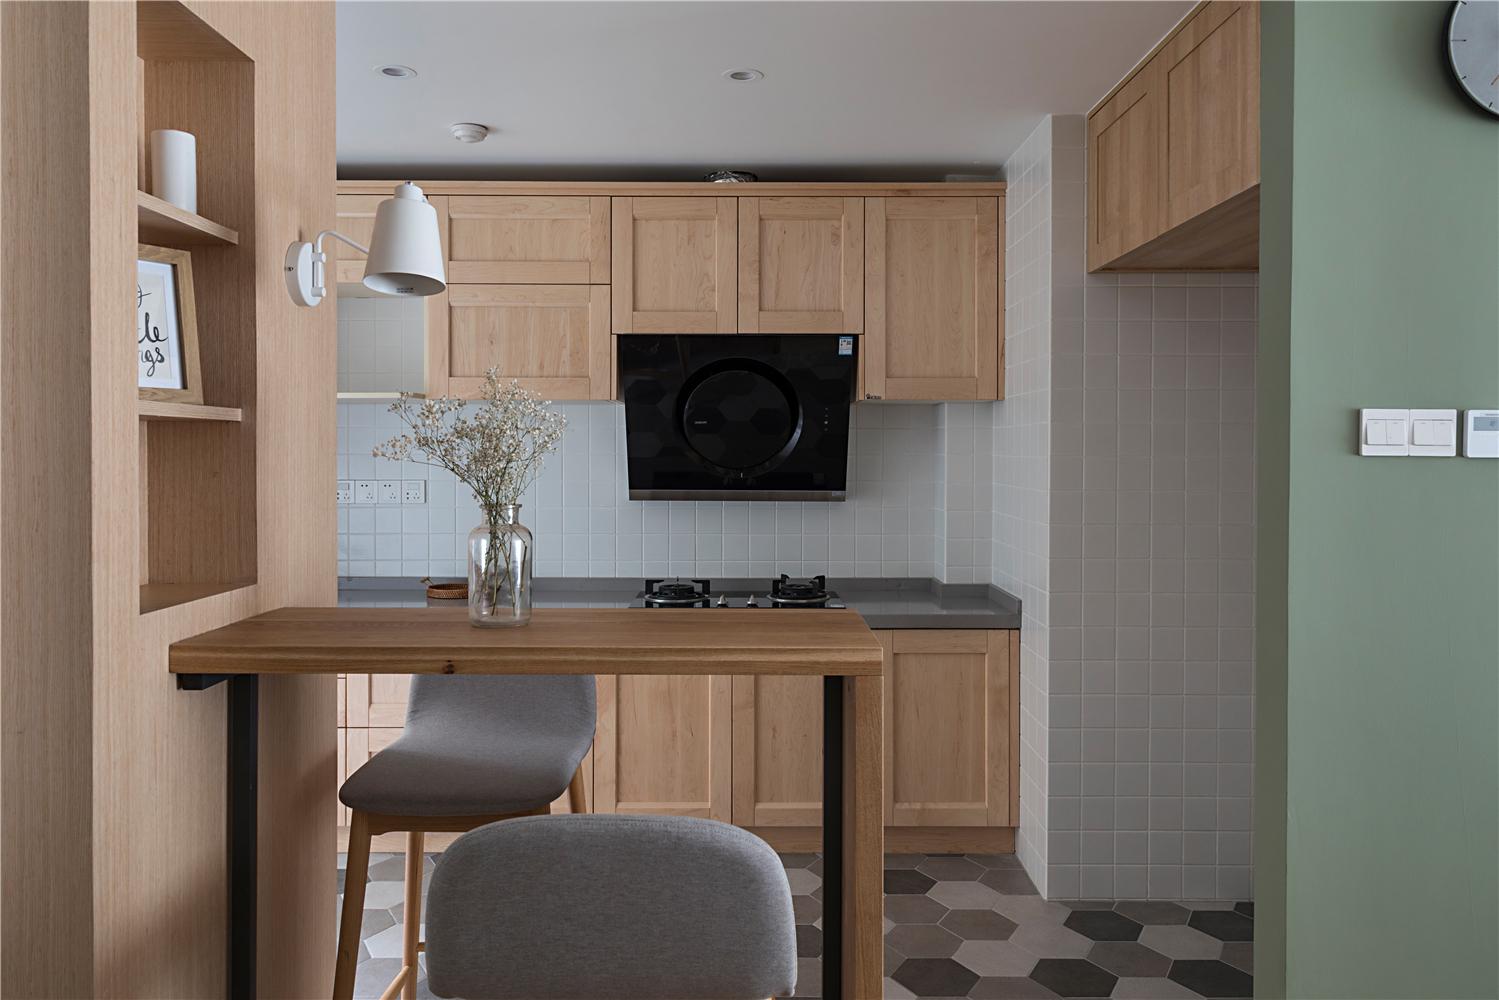 123㎡简约北欧风厨房吧台装修效果图